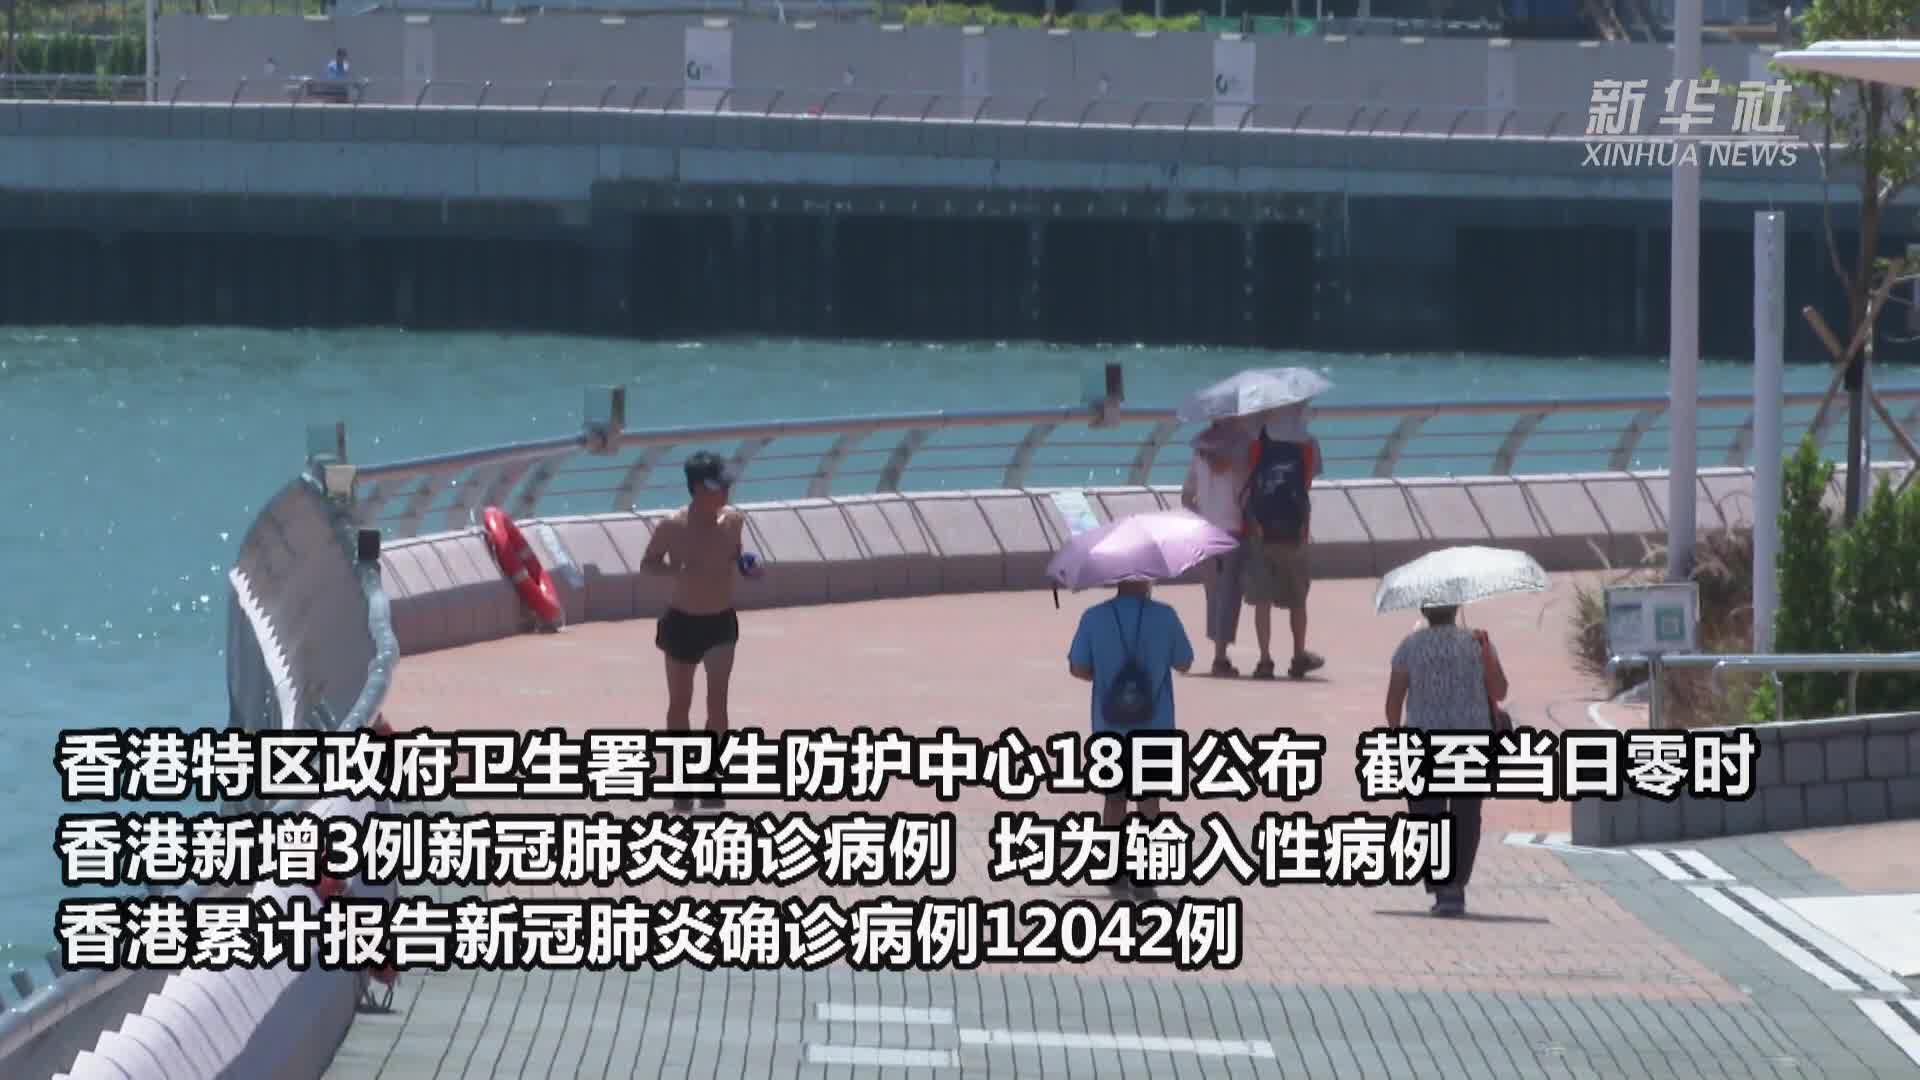 香港新增3例输入性新冠肺炎确诊病例 维持现行社交距离措施